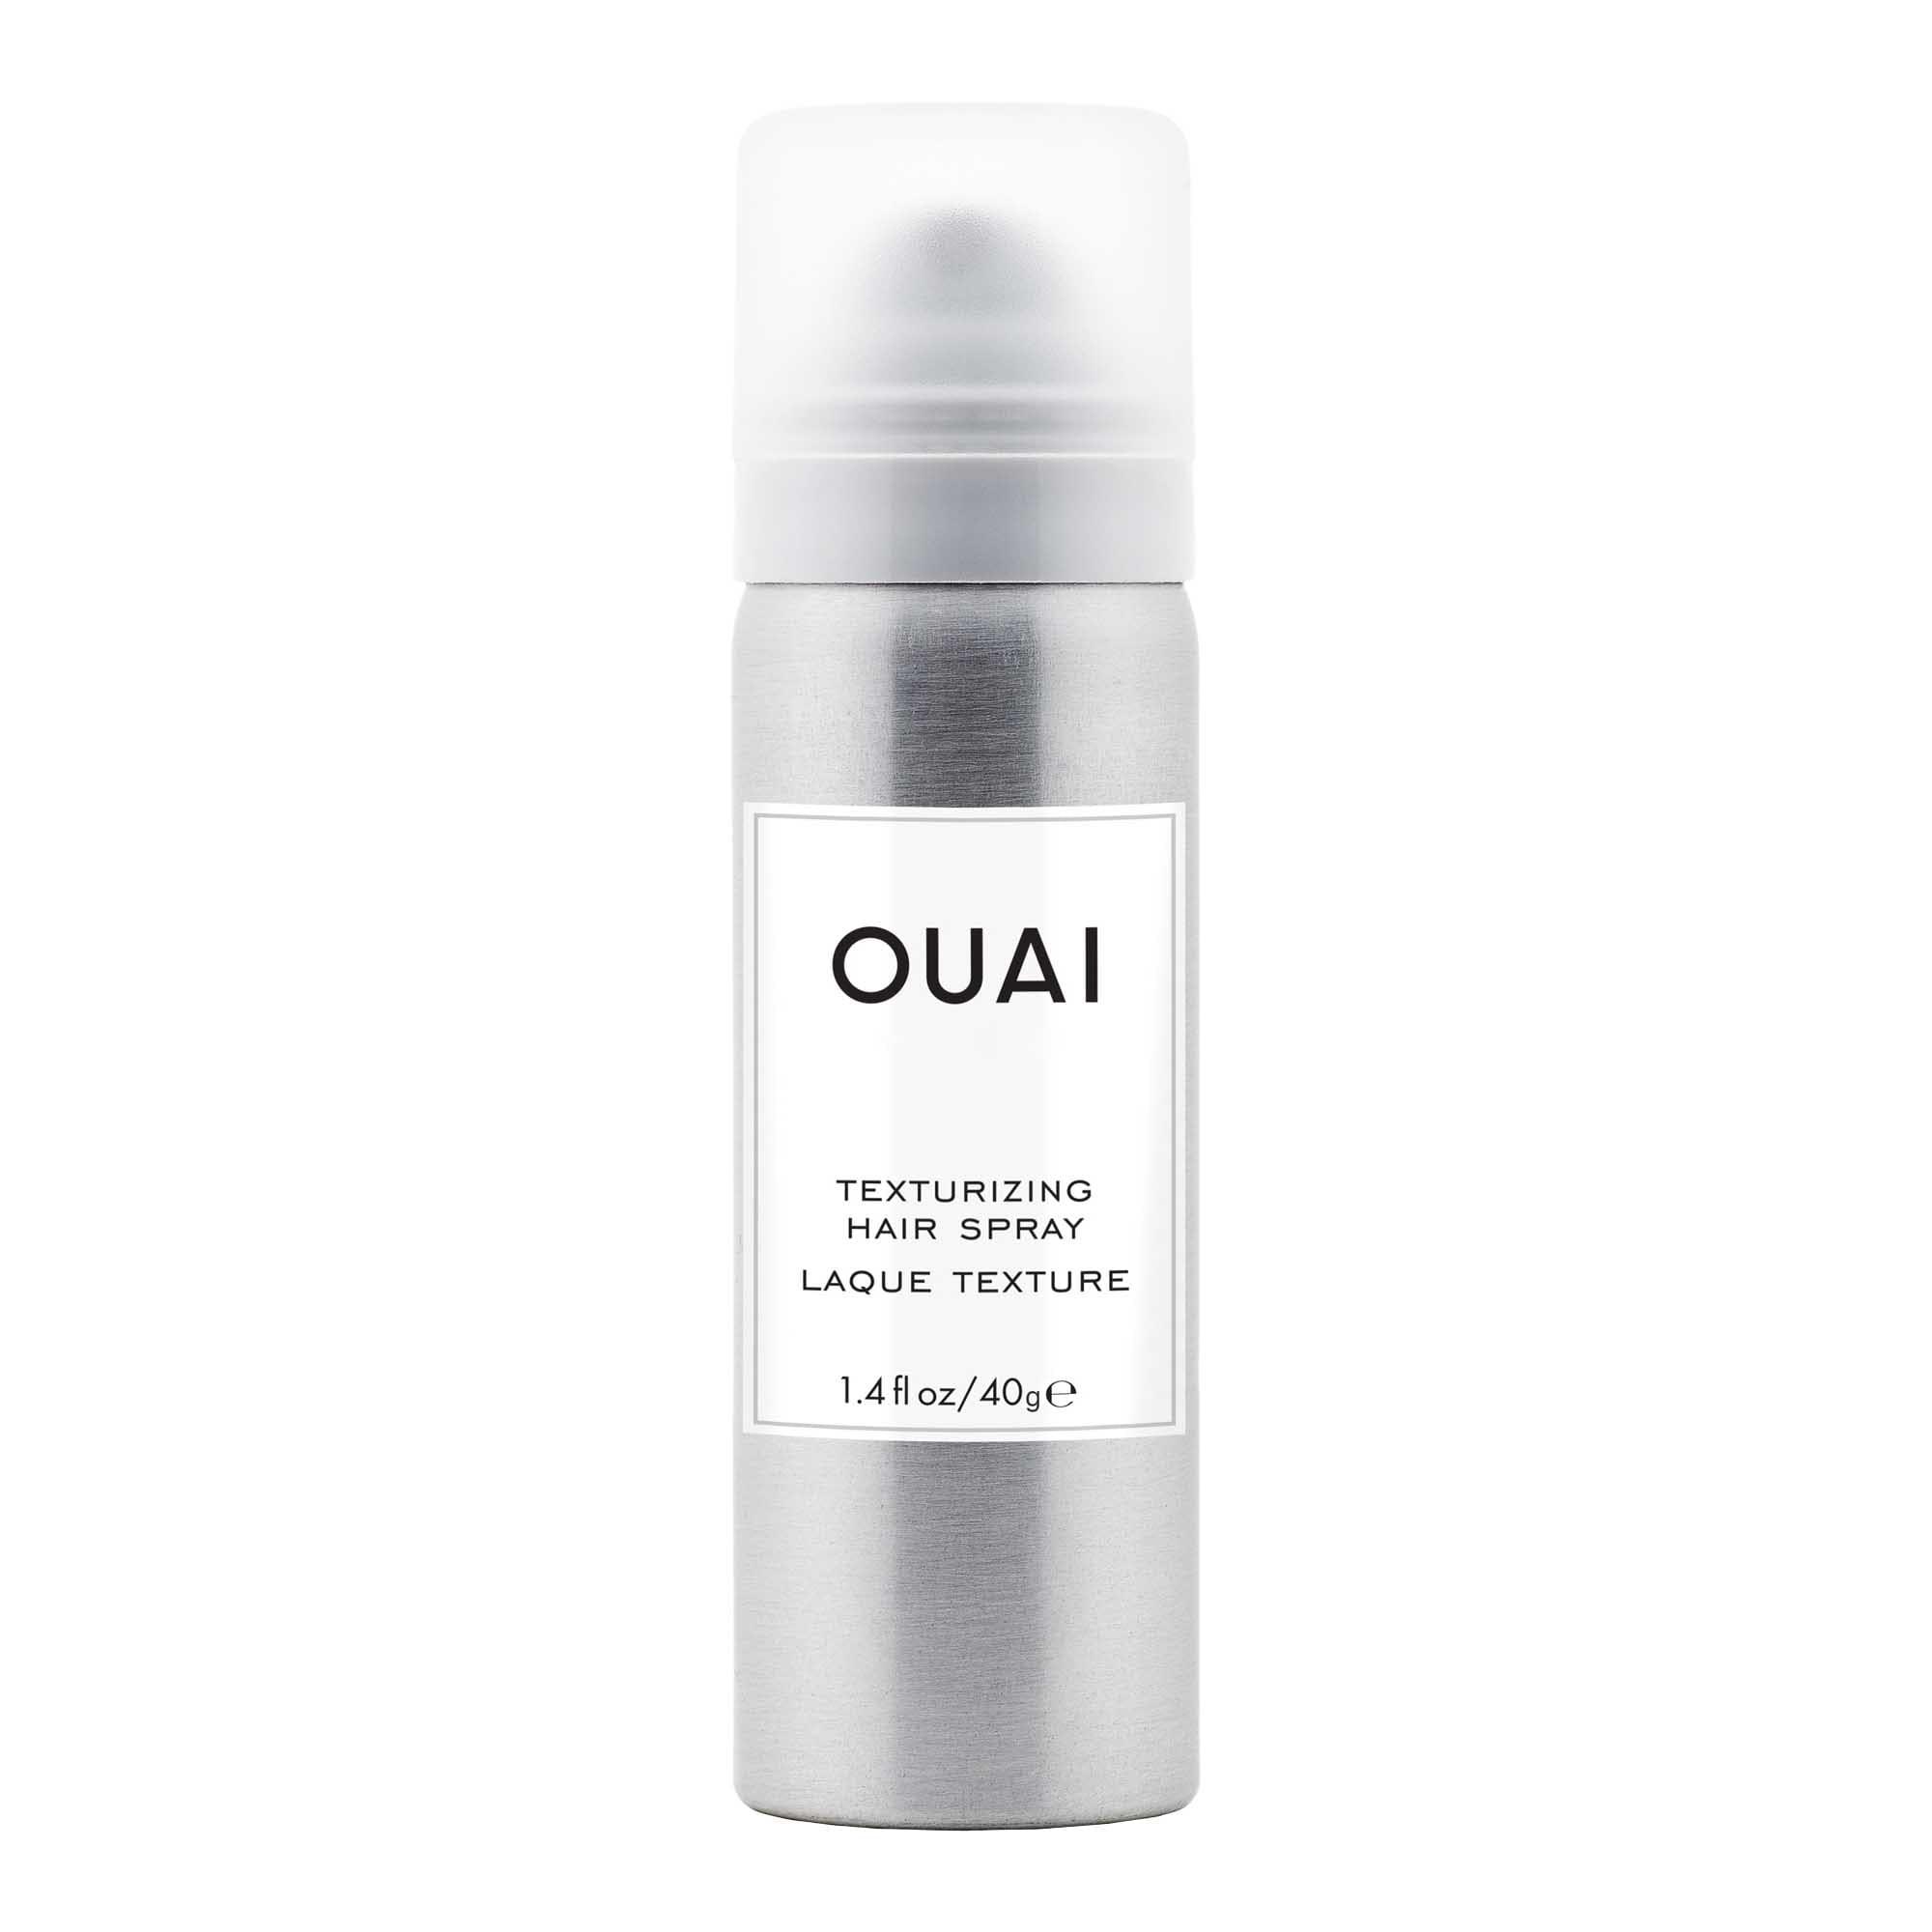 Ouai - Texturizing Hair Spray